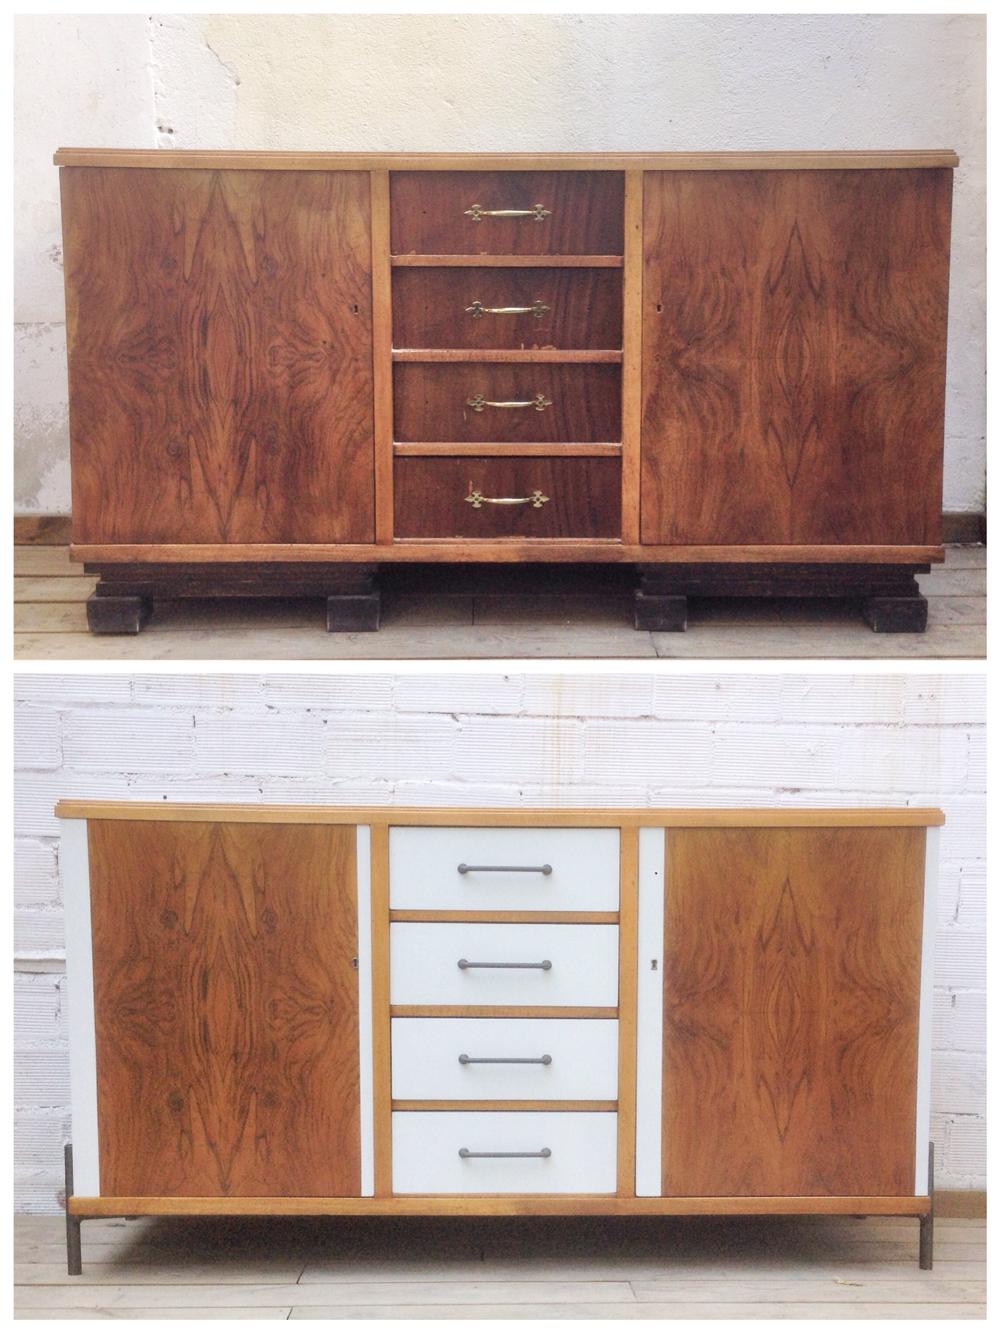 Antes y después - Aparador restaurado y pintado - Studio Alis